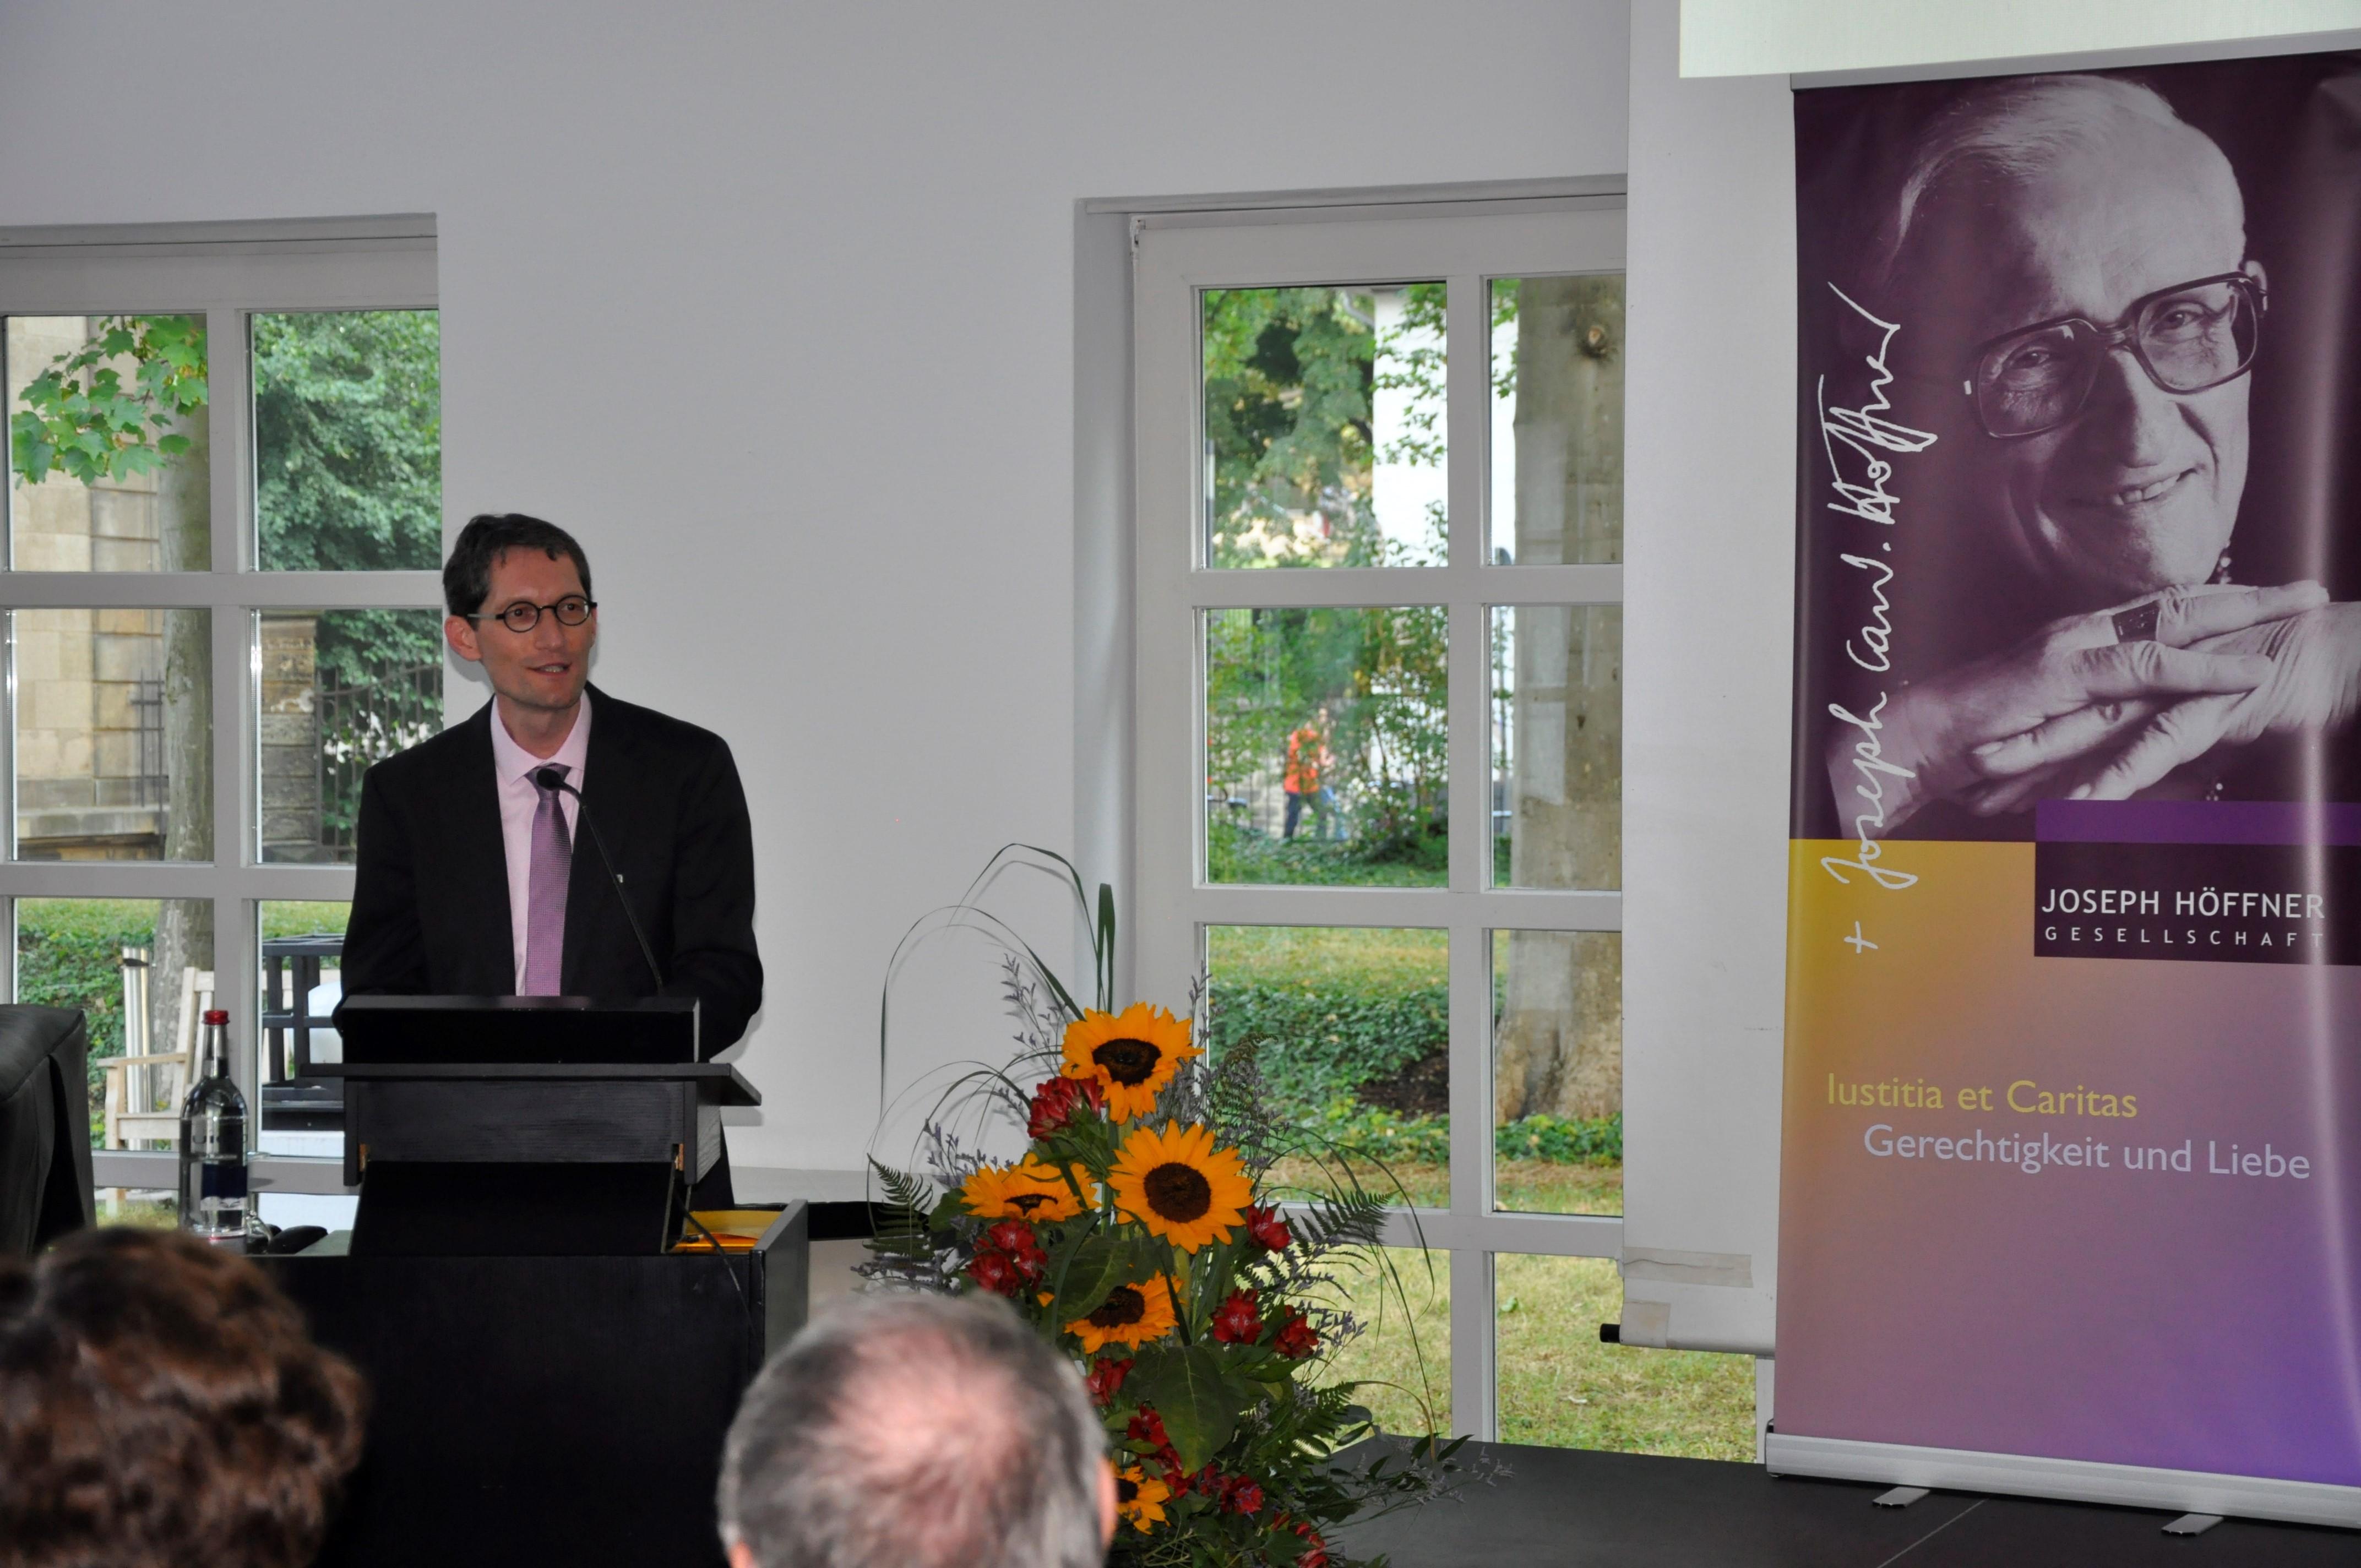 16. Joseph-Höffner-Vorlesung: Das Stigma seelischer Leiden als gesellschaftliche Herausforderung